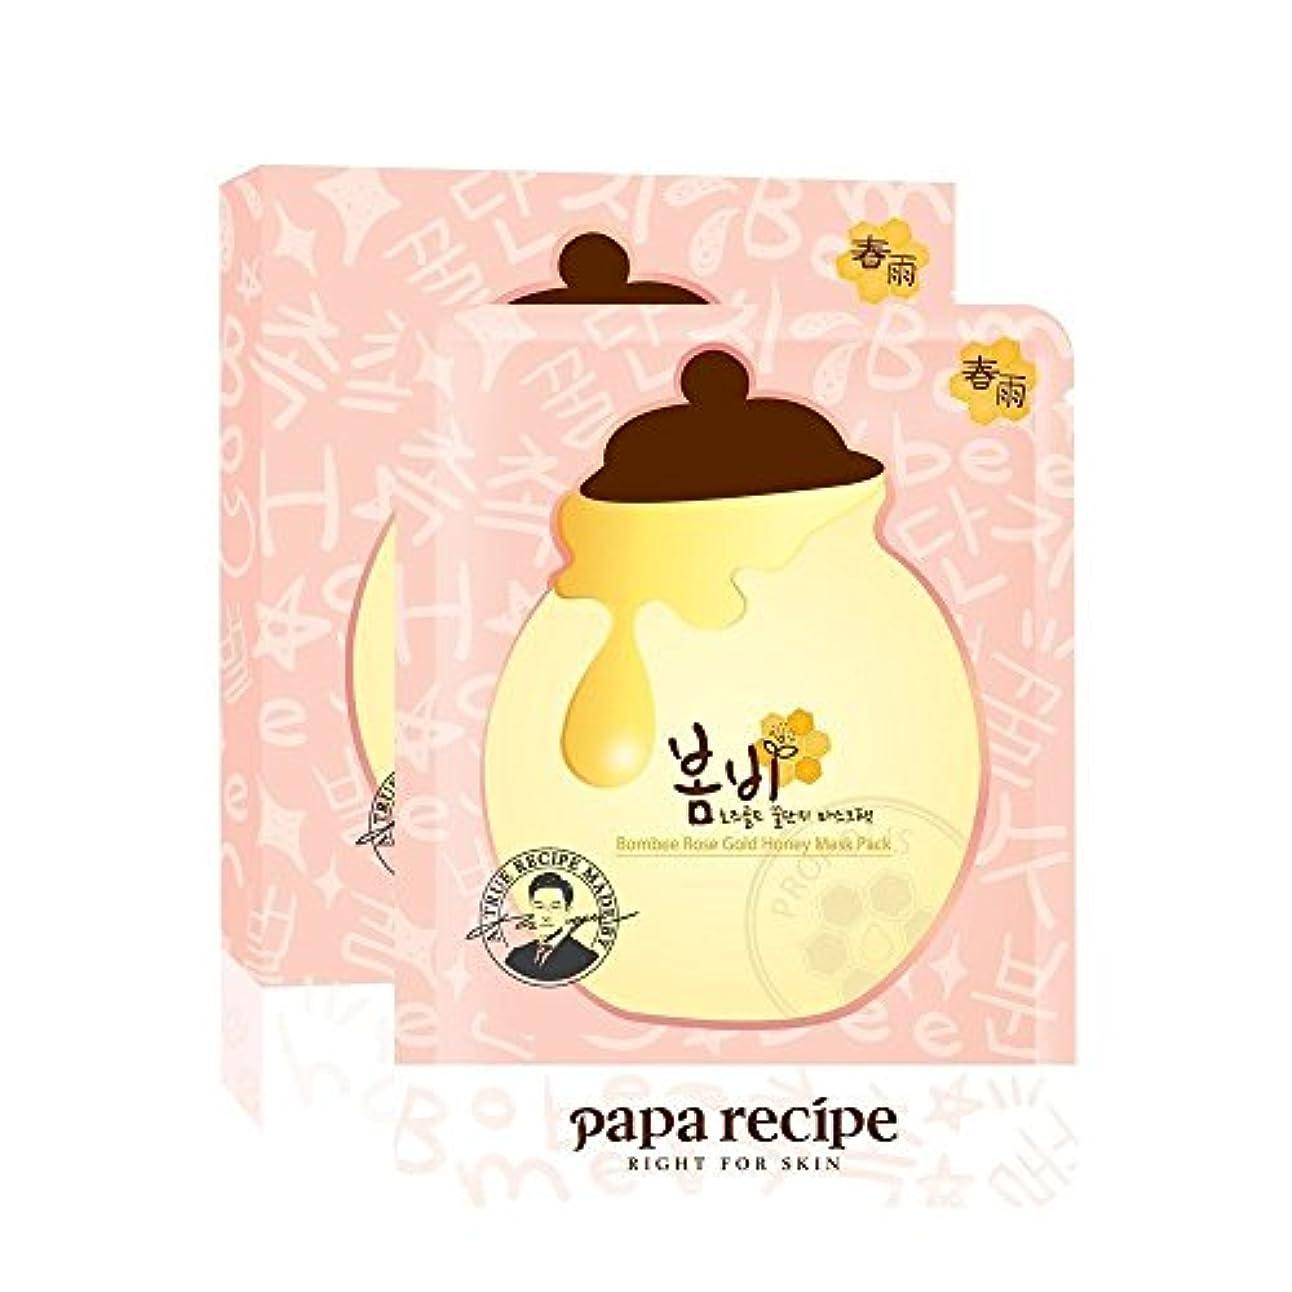 サンスマイル パパレシピ Paparecipe ボムビーローズゴールドハニーマスク 25ml×5枚(箱入り)